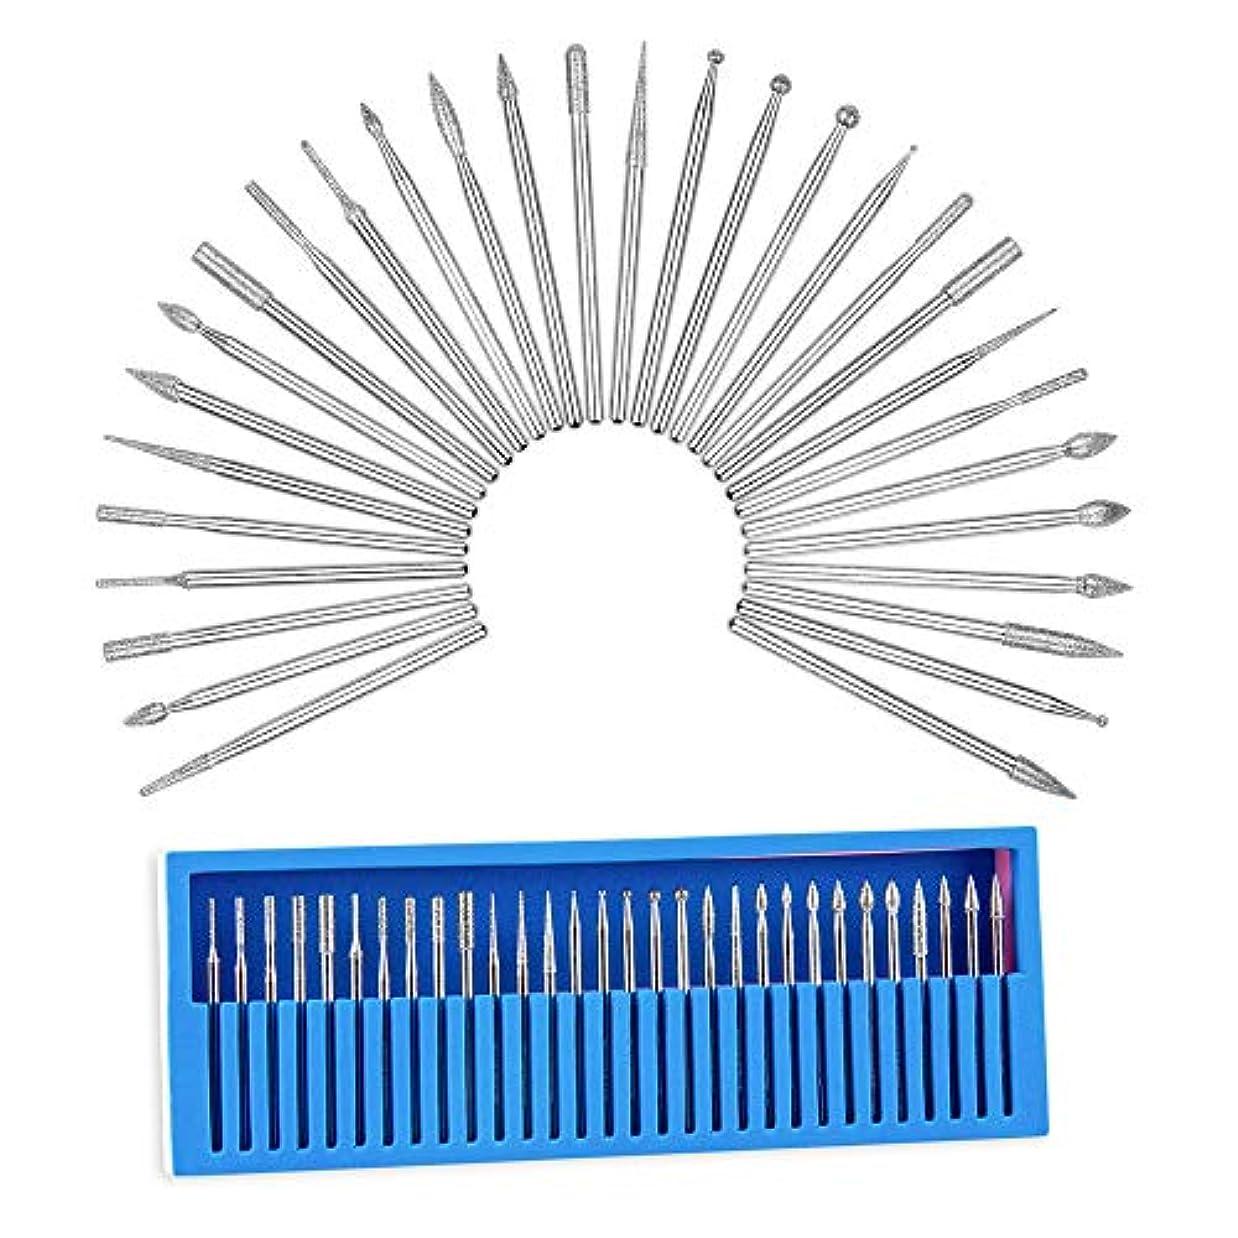 ネイルマシーン用 軸2.35mm 取り替えビットセット ミニルーター用 高品質 耐食 合金 各種類 30本入り 箱付 研磨 ネイルケア ネイルアート 角質処理 ツール ネイルマシーン 工具